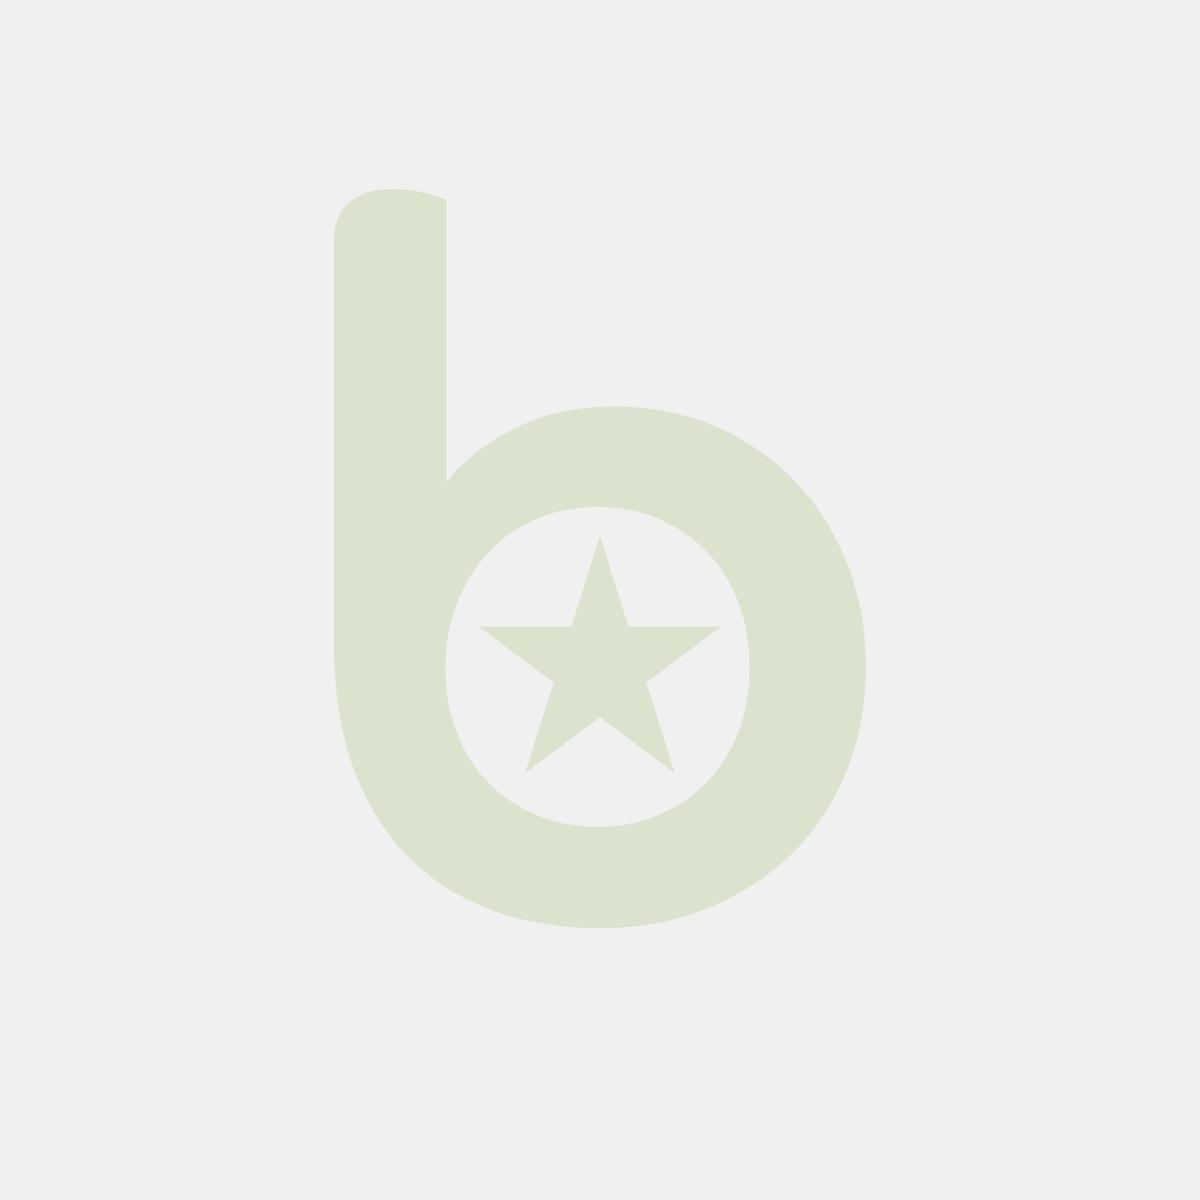 Świece podgrzewacze (teelights) Bispol Classic p15-100, 4-godzinne, 100 sztuk